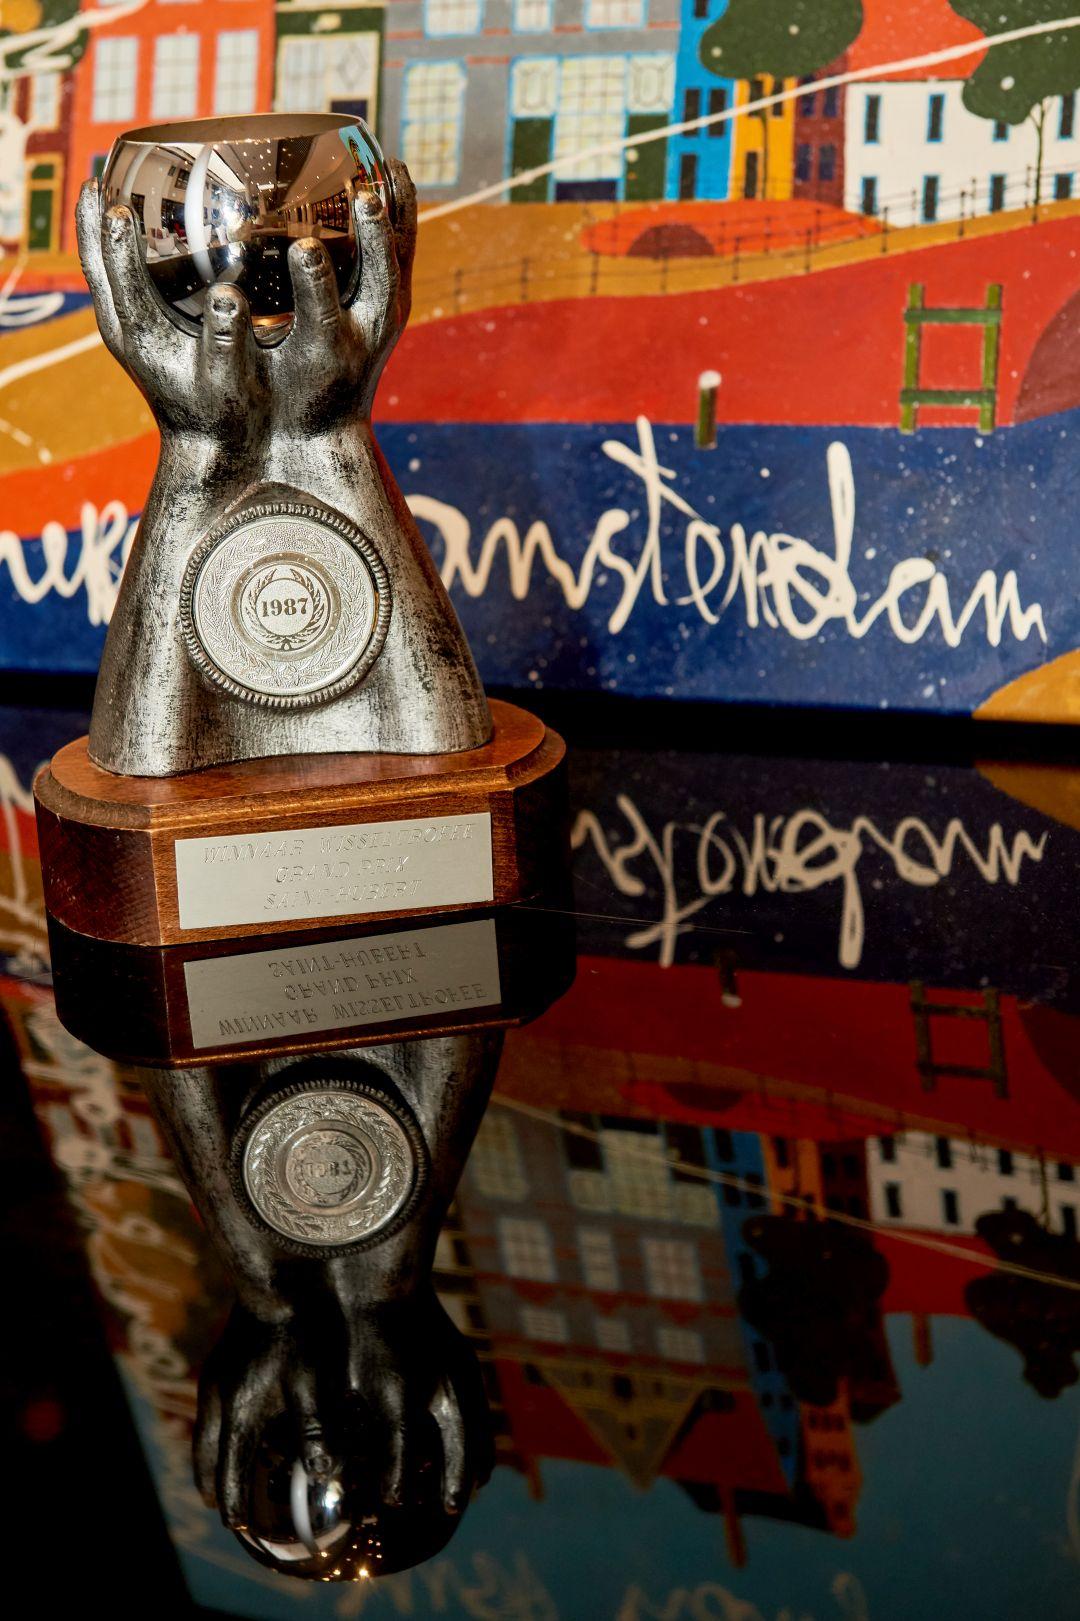 Prix wisseltrofee